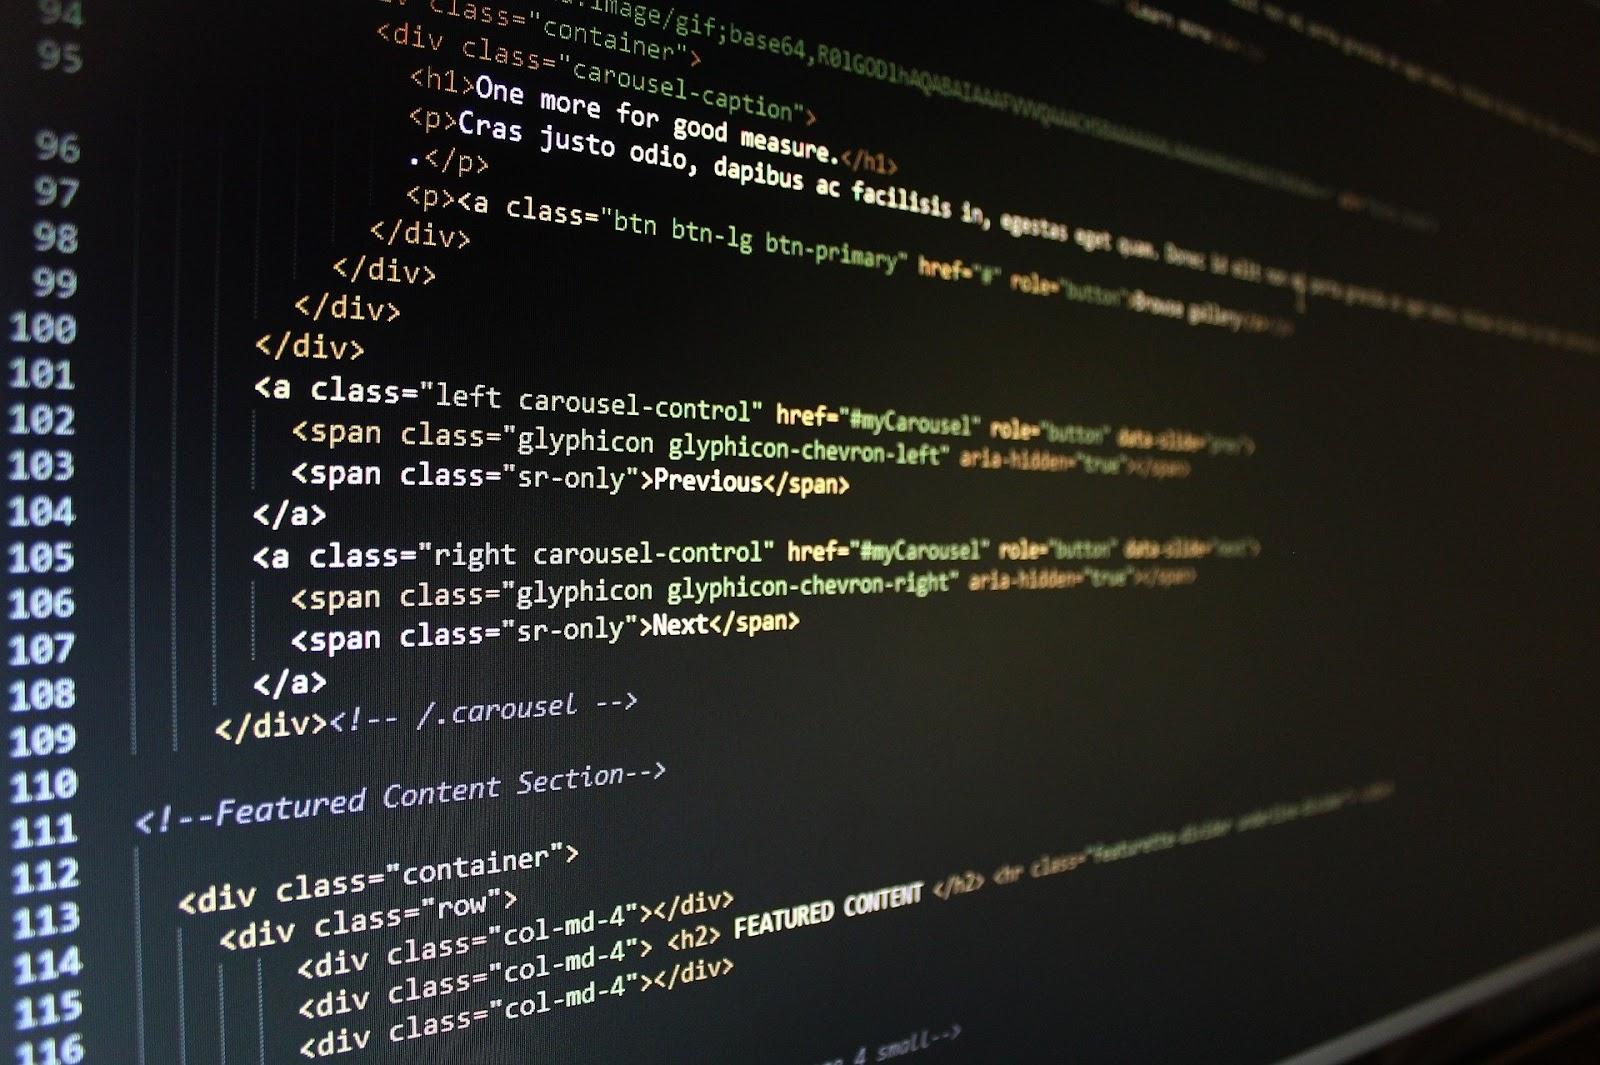 Coding for a restoration website